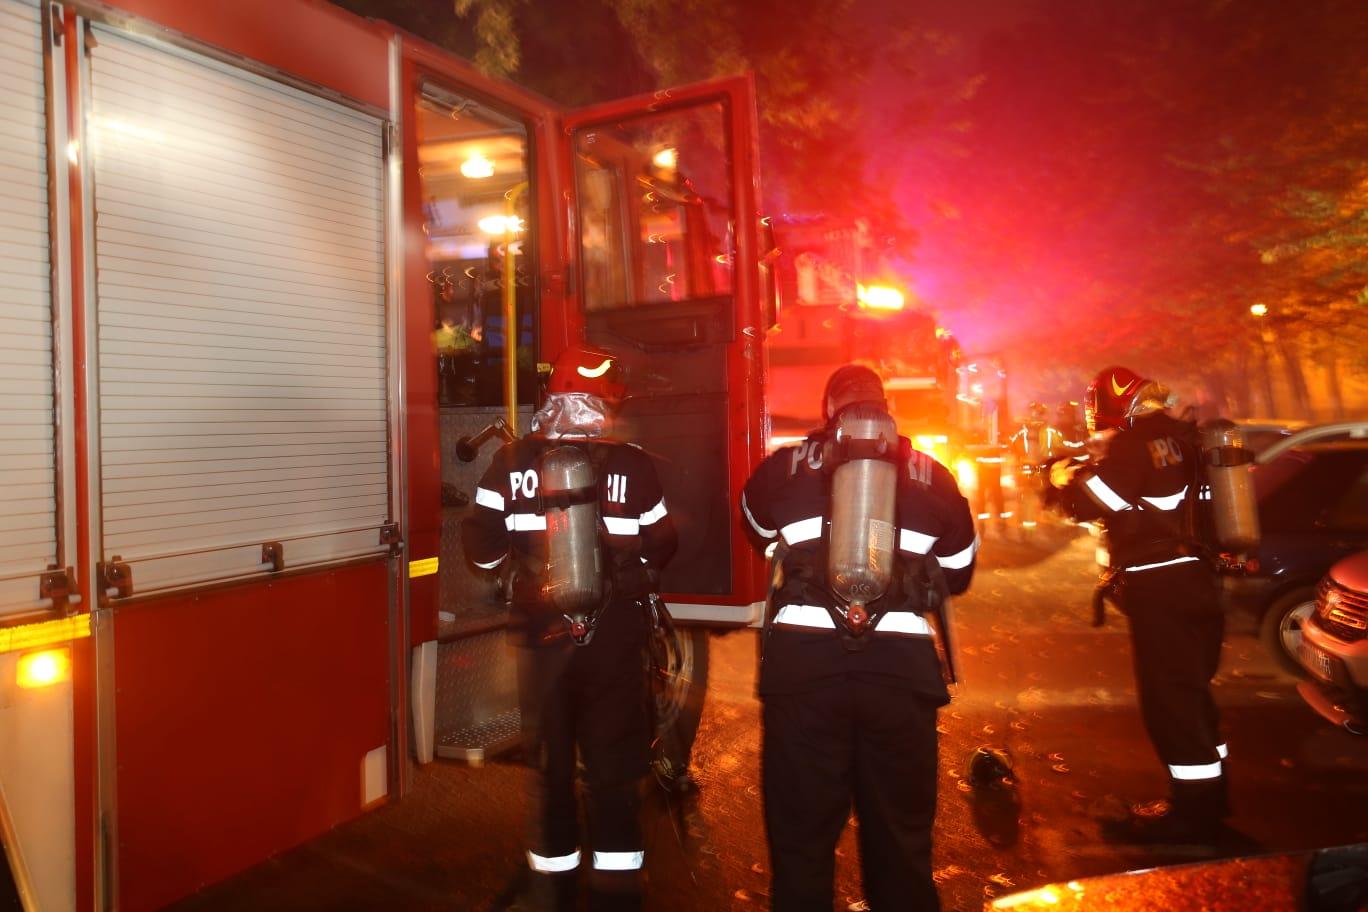 Incendiu puternic în Cluj-Napoca. Un bătrân de 80 de ani, găsit carbonizat în locuință